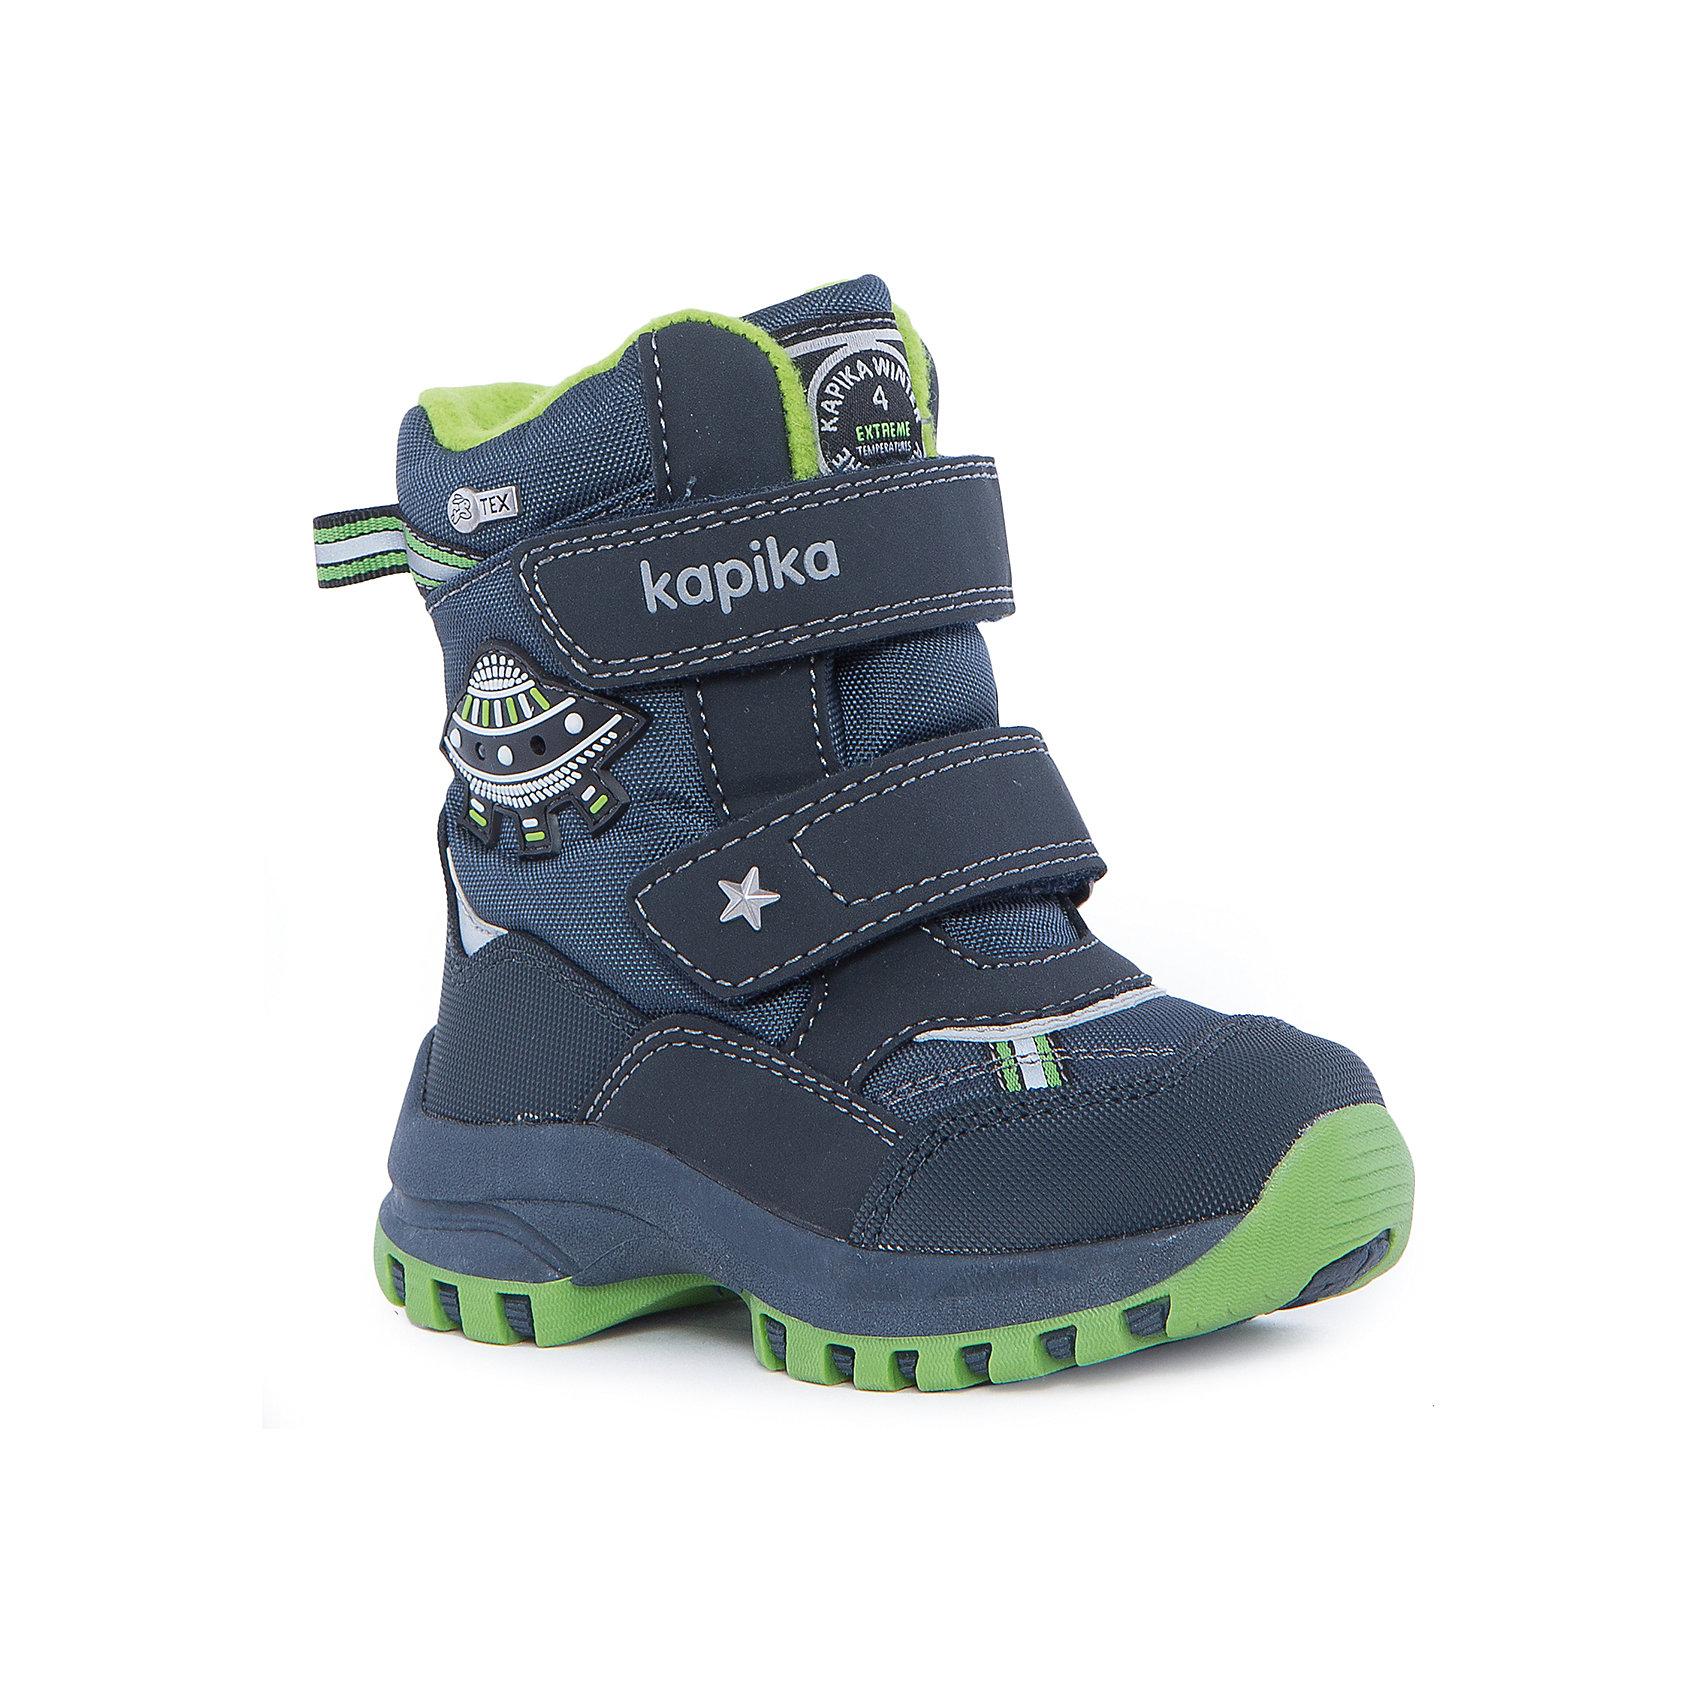 Ботинки для мальчика KAPIKAОбувь для малышей<br>Ботинки для мальчика  KAPIKA.<br><br>Температурный режим: до -20 градусов. Степень утепления – средняя.<br><br>* Температурный режим указан приблизительно — необходимо, прежде всего, ориентироваться на ощущения ребенка. <br><br>Ботинки не только красивые снаружи, но и тёплые внутри. С ними прогулки вашего малыша станут еще интереснее и удобнее,ведь они не будут натирать ножки и позволят ребёнку двигаться без ограничений. Подарите вашему малышу незабываемые зимние прогулки. <br><br>Характеристика:<br>-Цвет: синий+зелёный<br>-Материал: снаружи- текстиль + искусственная кожа,                     подкладка:текстиль(шерсть 80%)<br>-Застёжка: две липучки<br>-Бренд: KAPIKA(КАПИКА)<br>-Сезон: осень-зима<br><br>Ботинки  для мальчика KAPIKA  вы можете приобрести в нашем интернет- магазине.<br><br>Ширина мм: 262<br>Глубина мм: 176<br>Высота мм: 97<br>Вес г: 427<br>Цвет: синий/зеленый<br>Возраст от месяцев: 18<br>Возраст до месяцев: 21<br>Пол: Мужской<br>Возраст: Детский<br>Размер: 27,24,25,26,23<br>SKU: 4987833